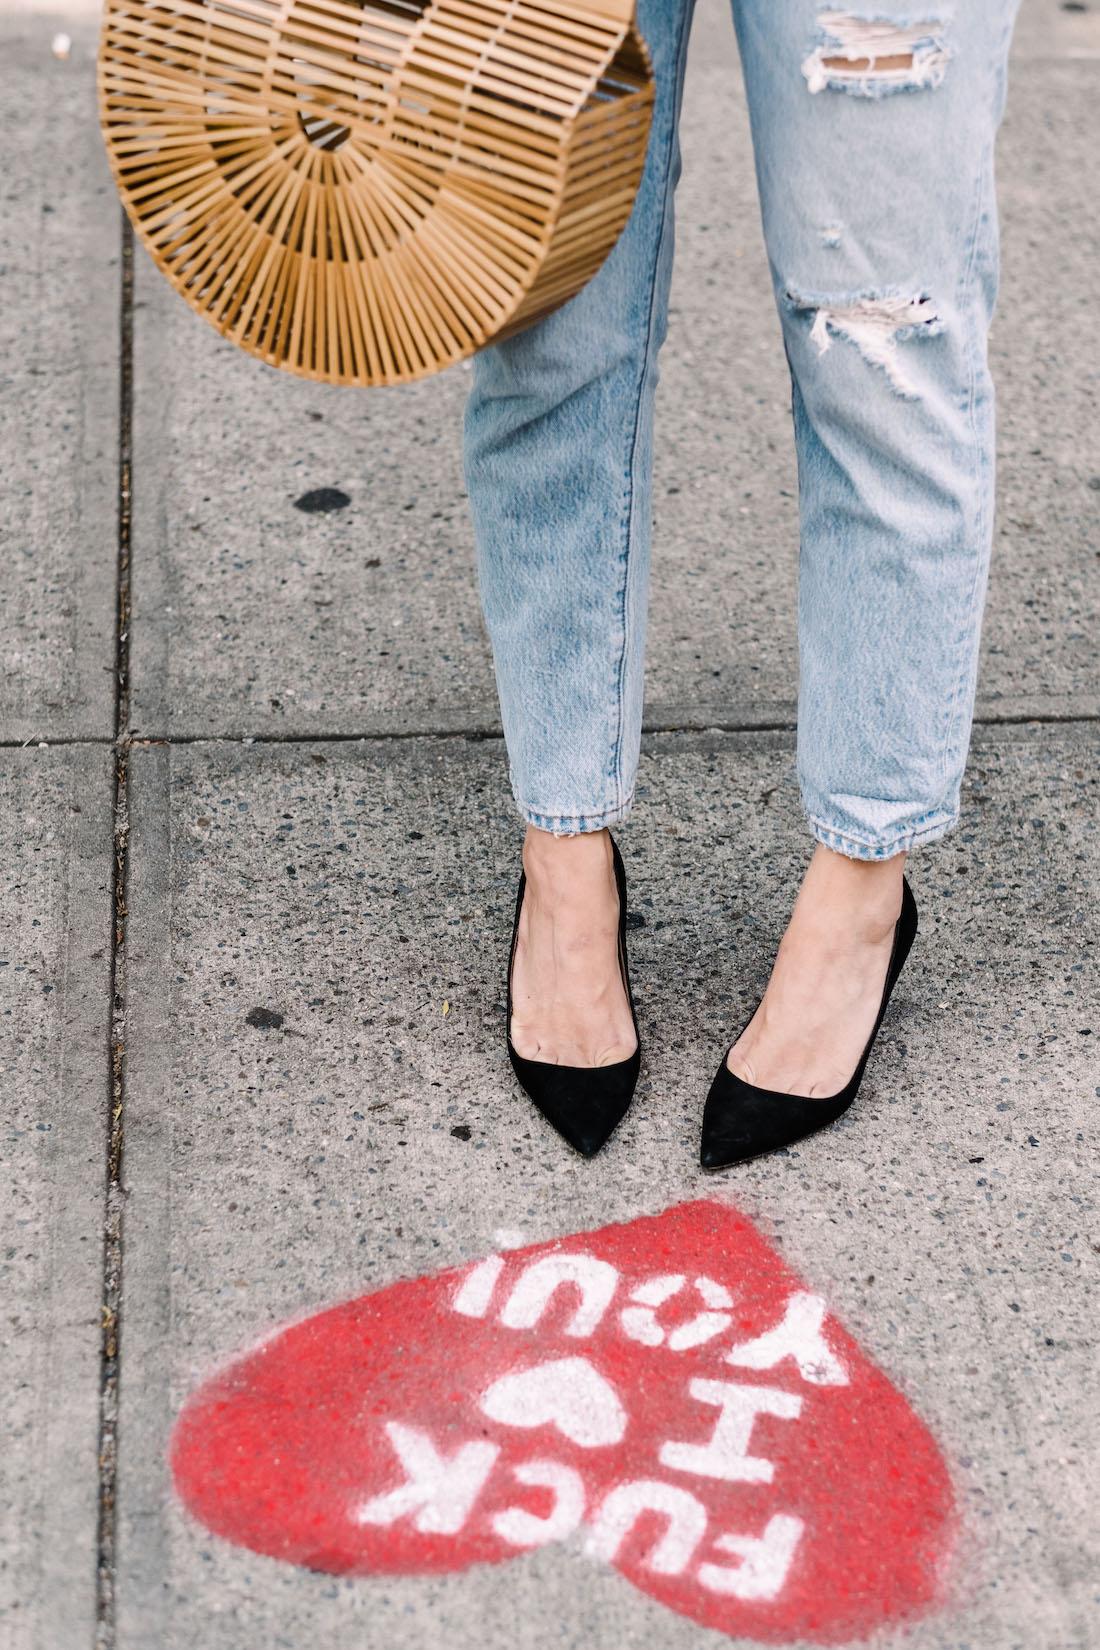 Outfit Details: Levi's Jeans // Cult Gaia Bag // Manolo Blahnik Heels  - The Stripe